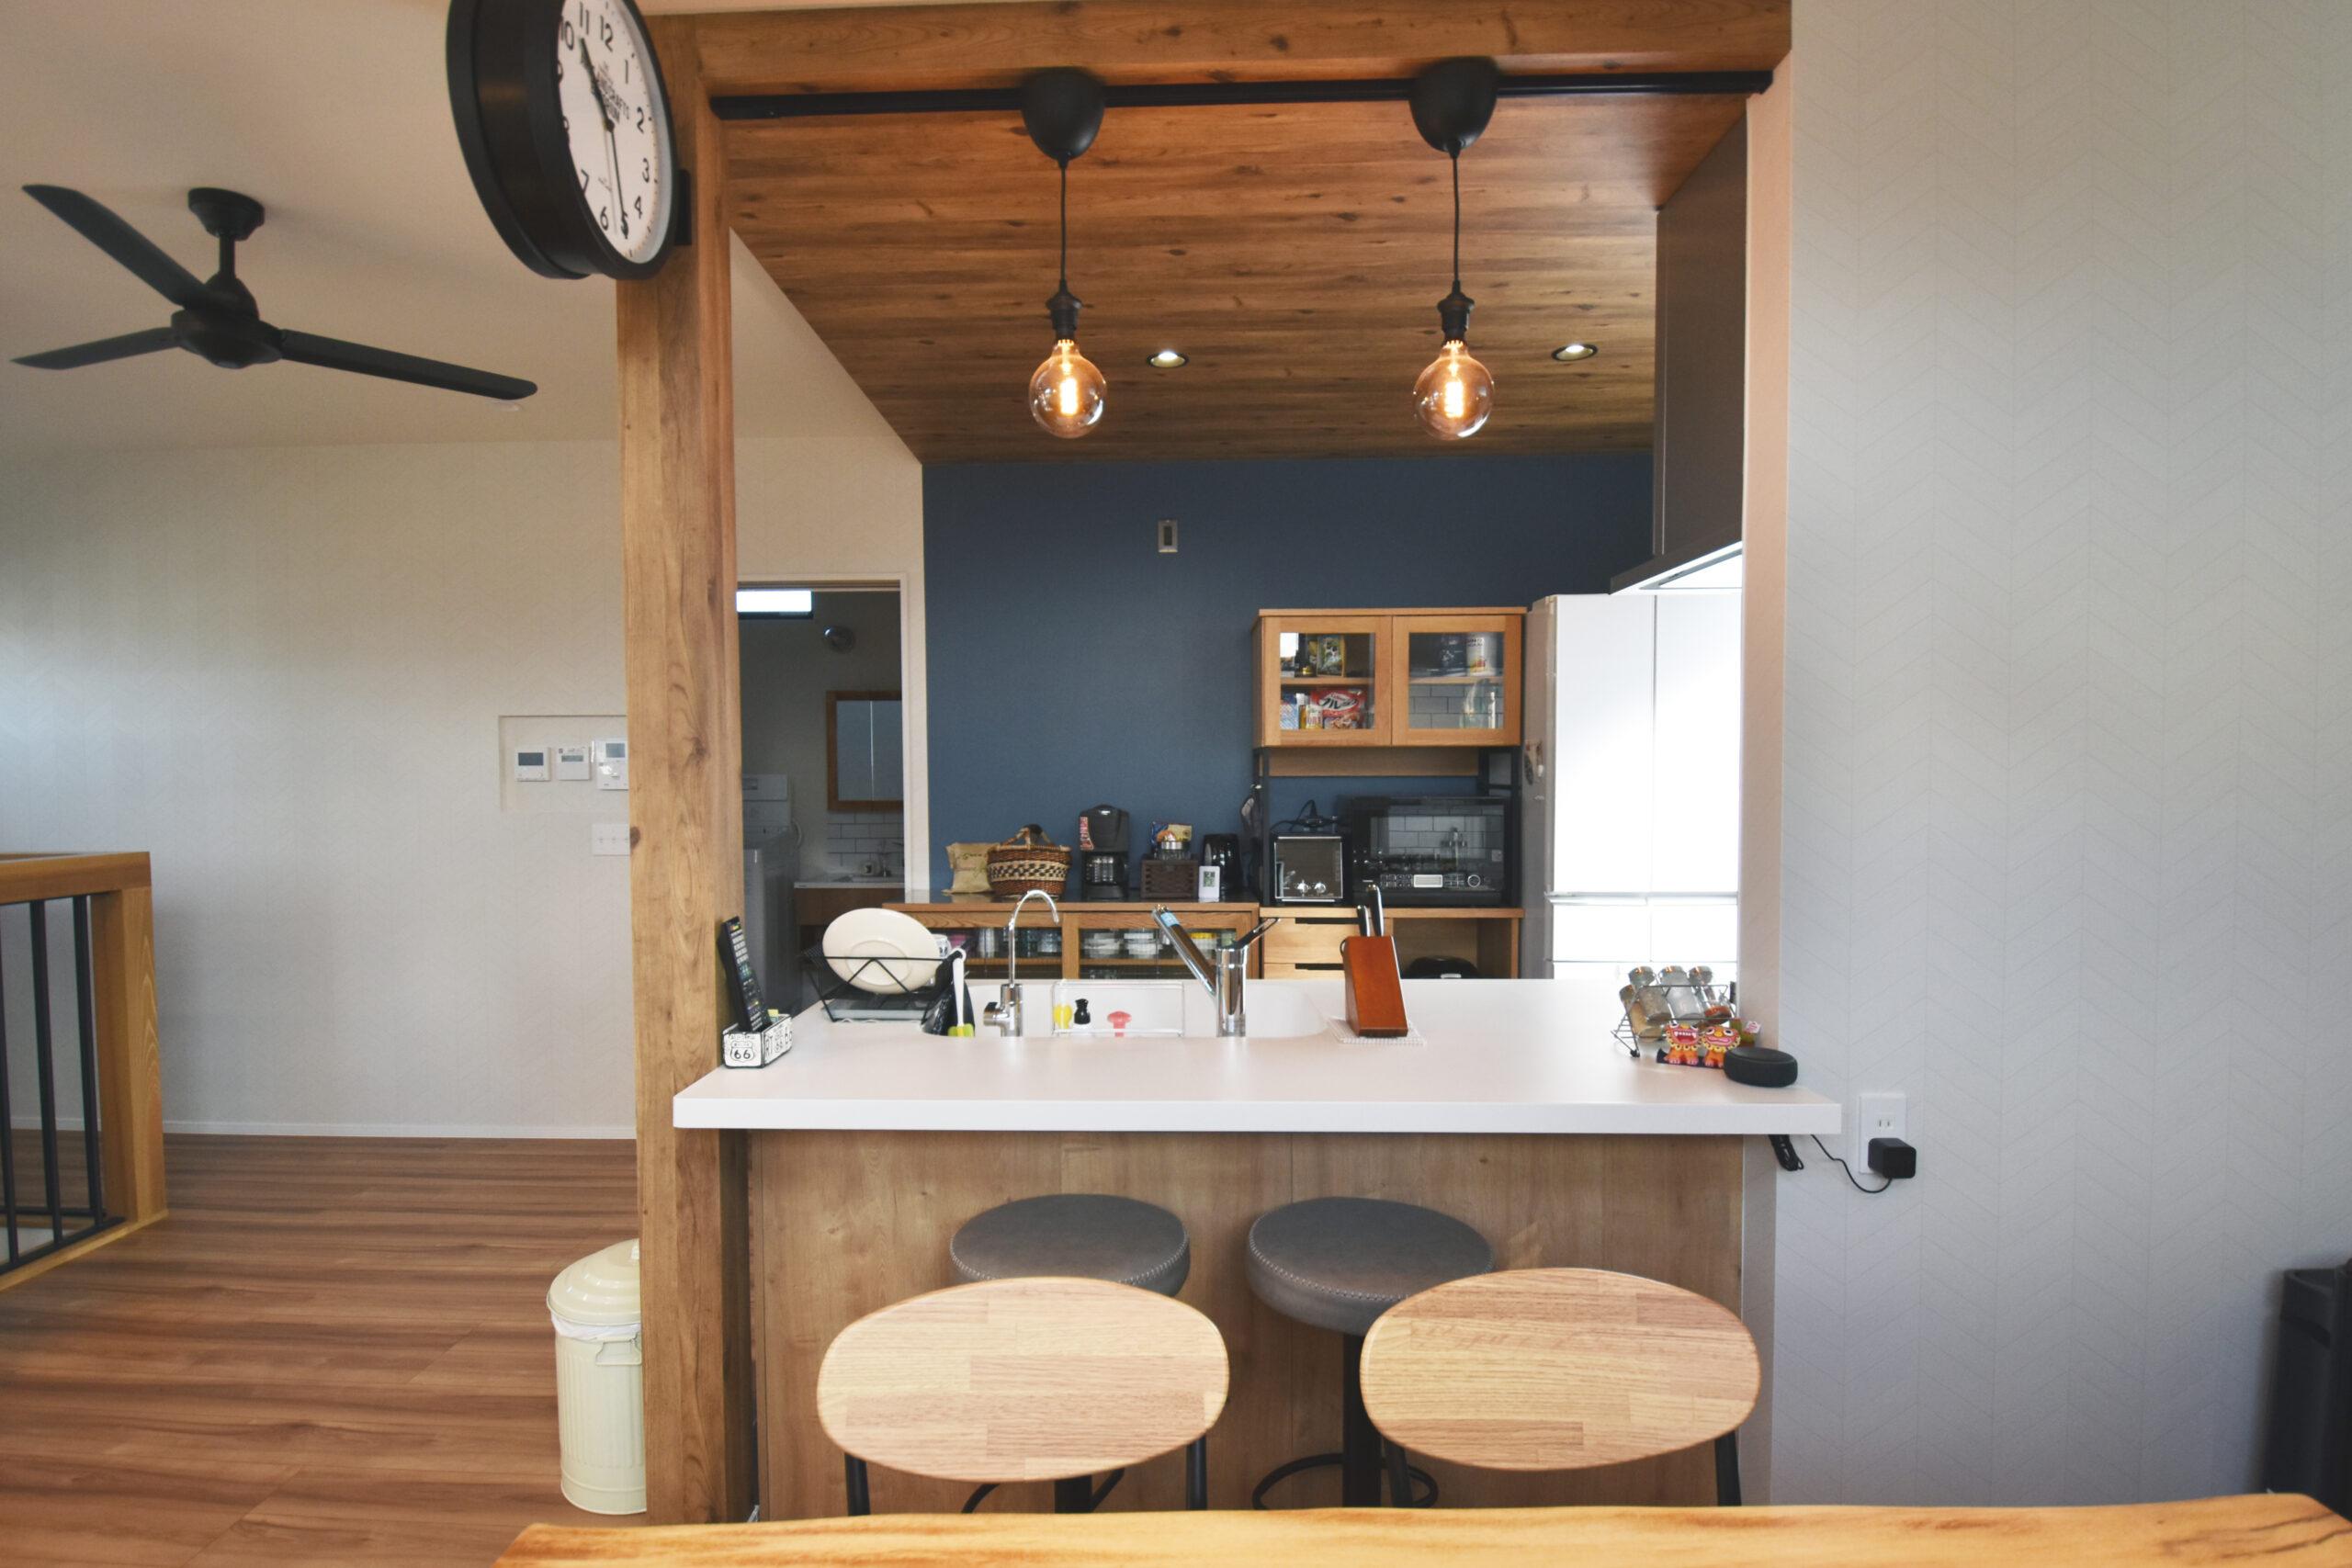 キッチンカウンターは高さを設けずフラットなペニンシュラ型。お掃除が楽になる上に、家族との会話を楽しめてまるでバーのよう。